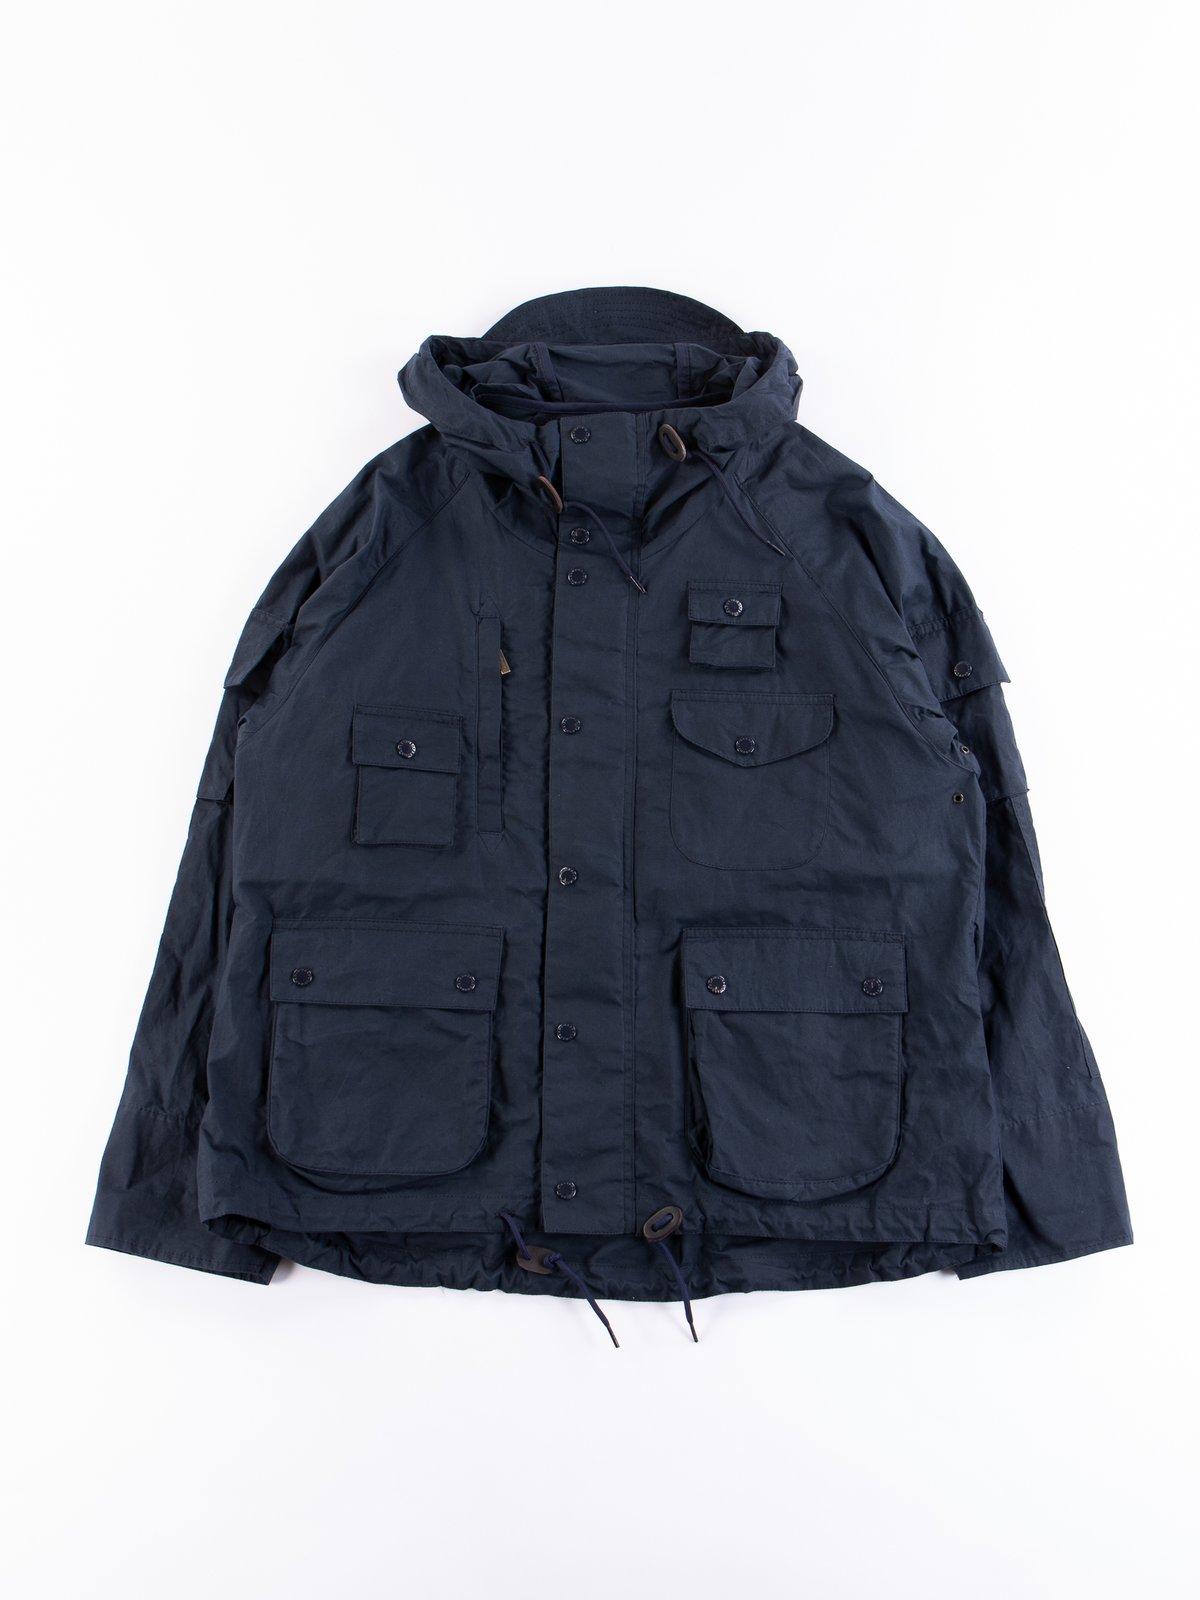 Navy Thompson Jacket - Image 1